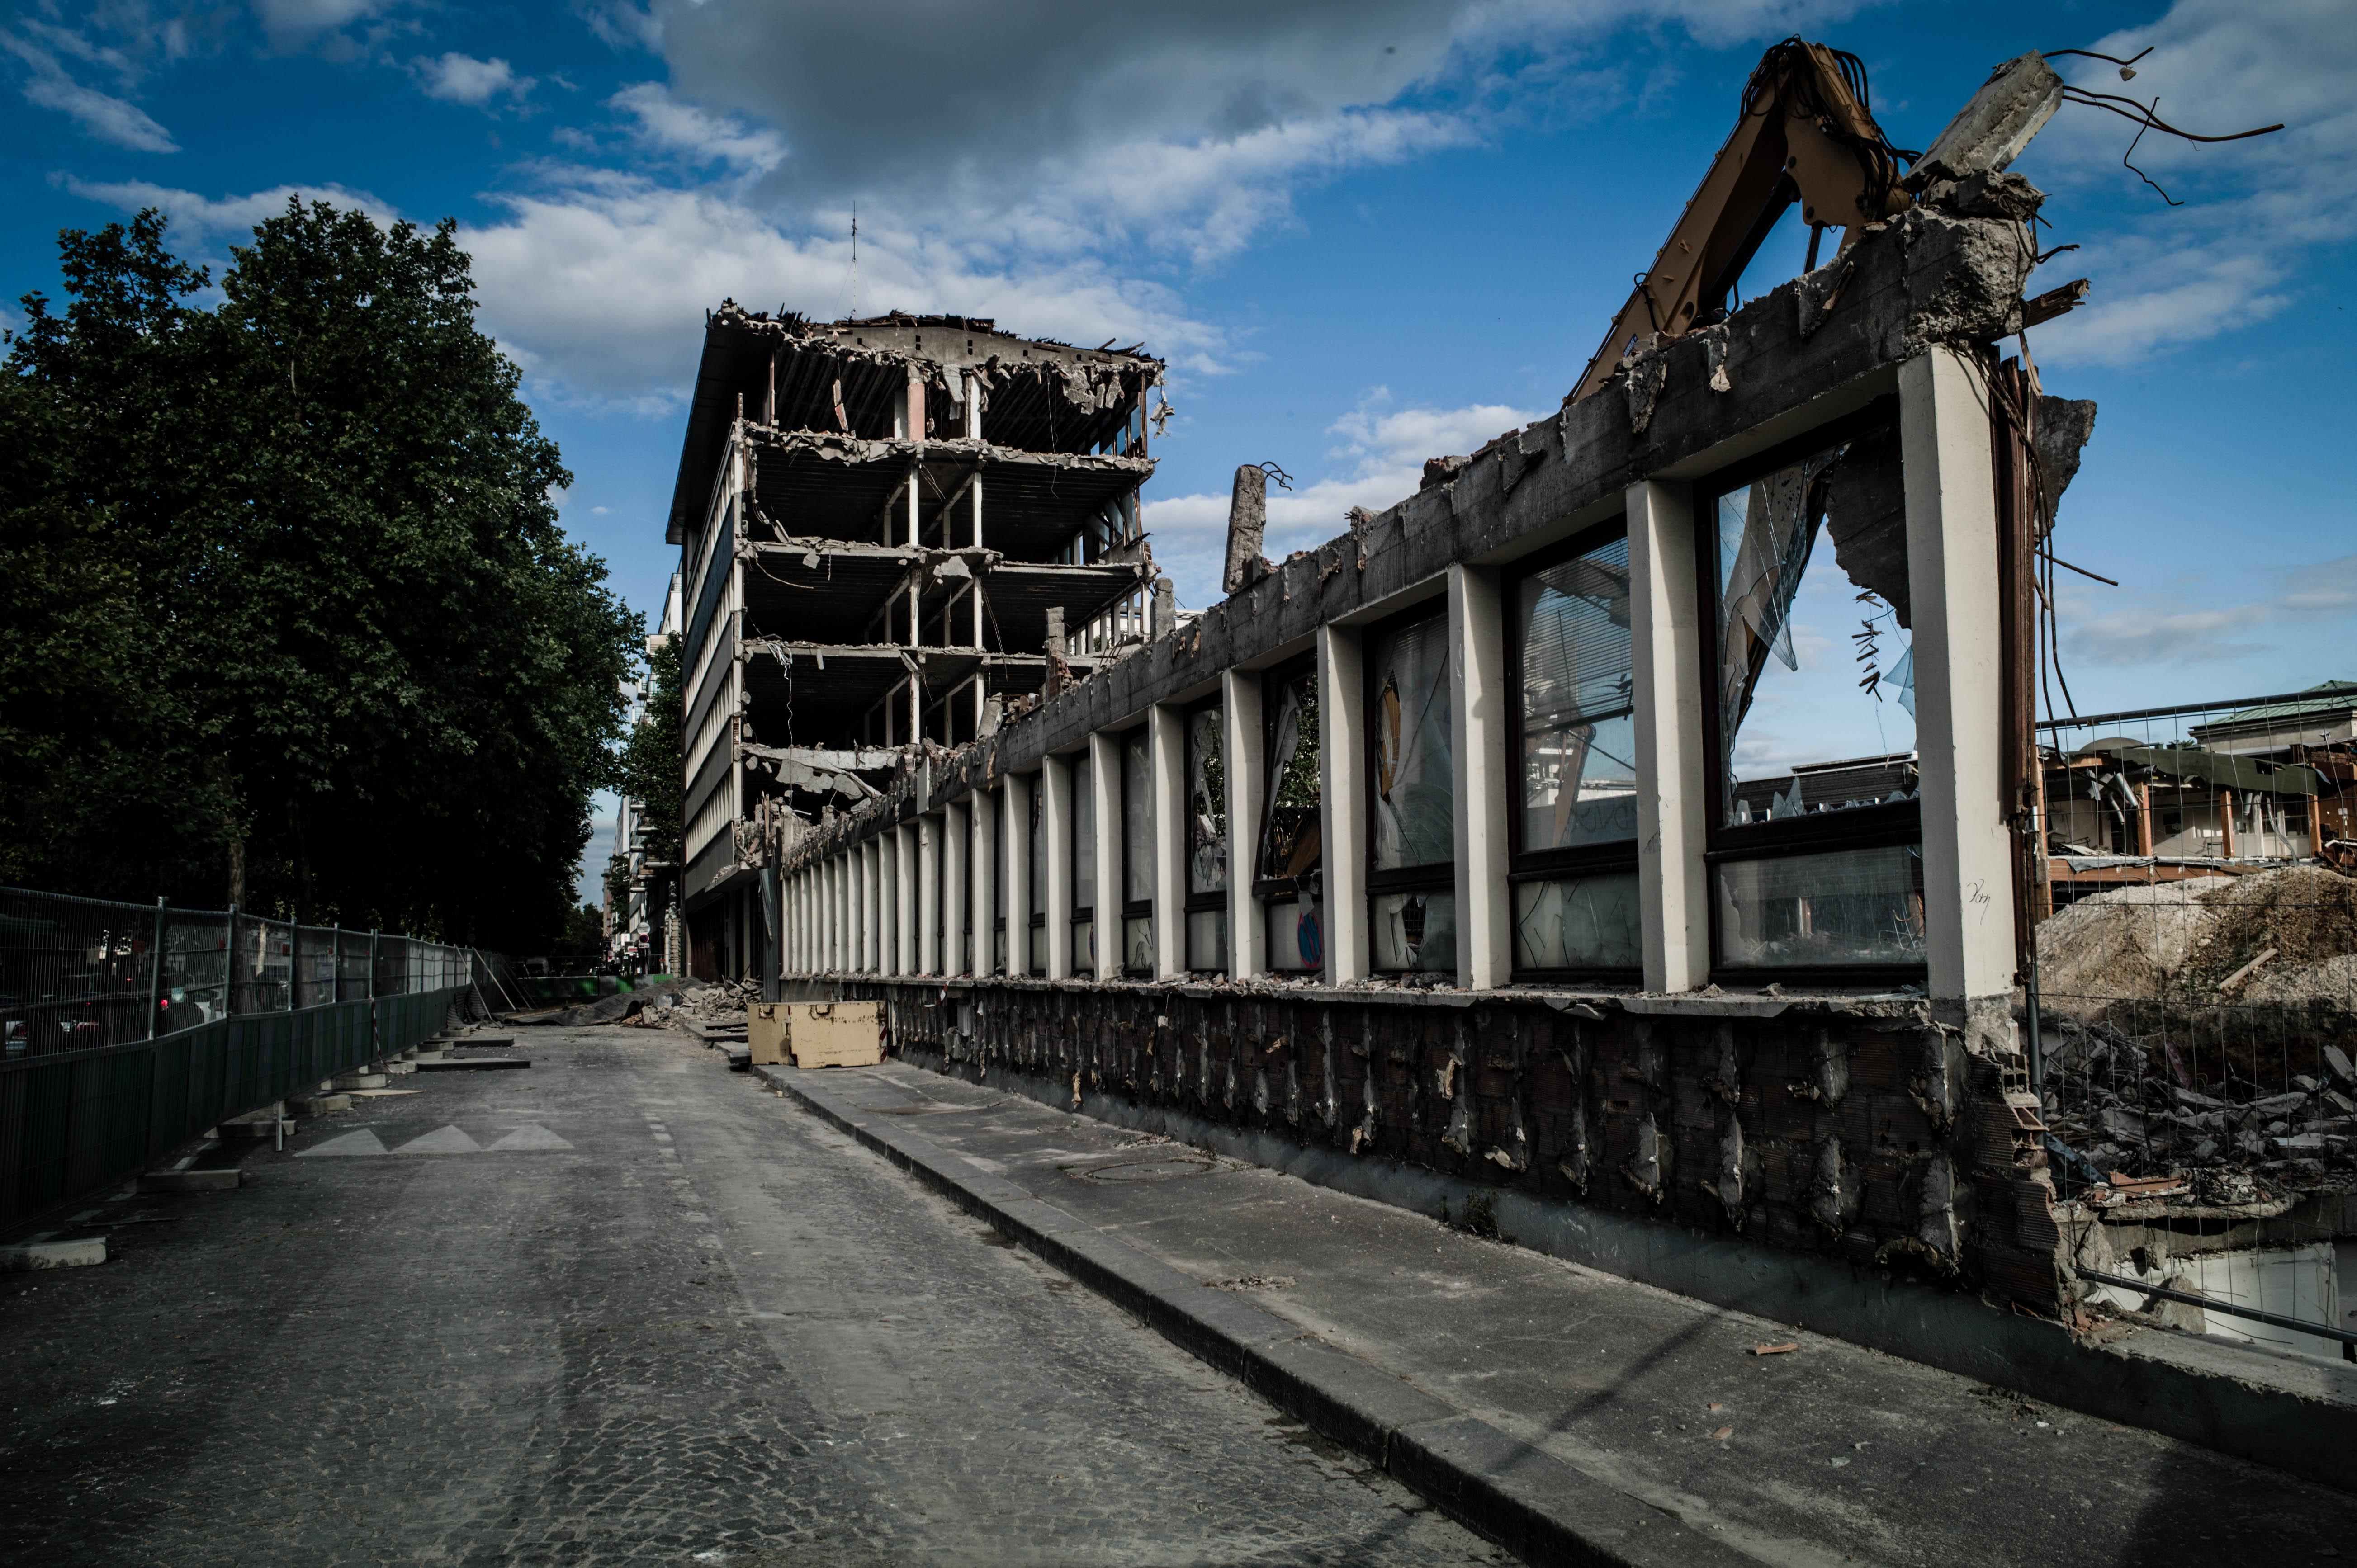 Demolition #7